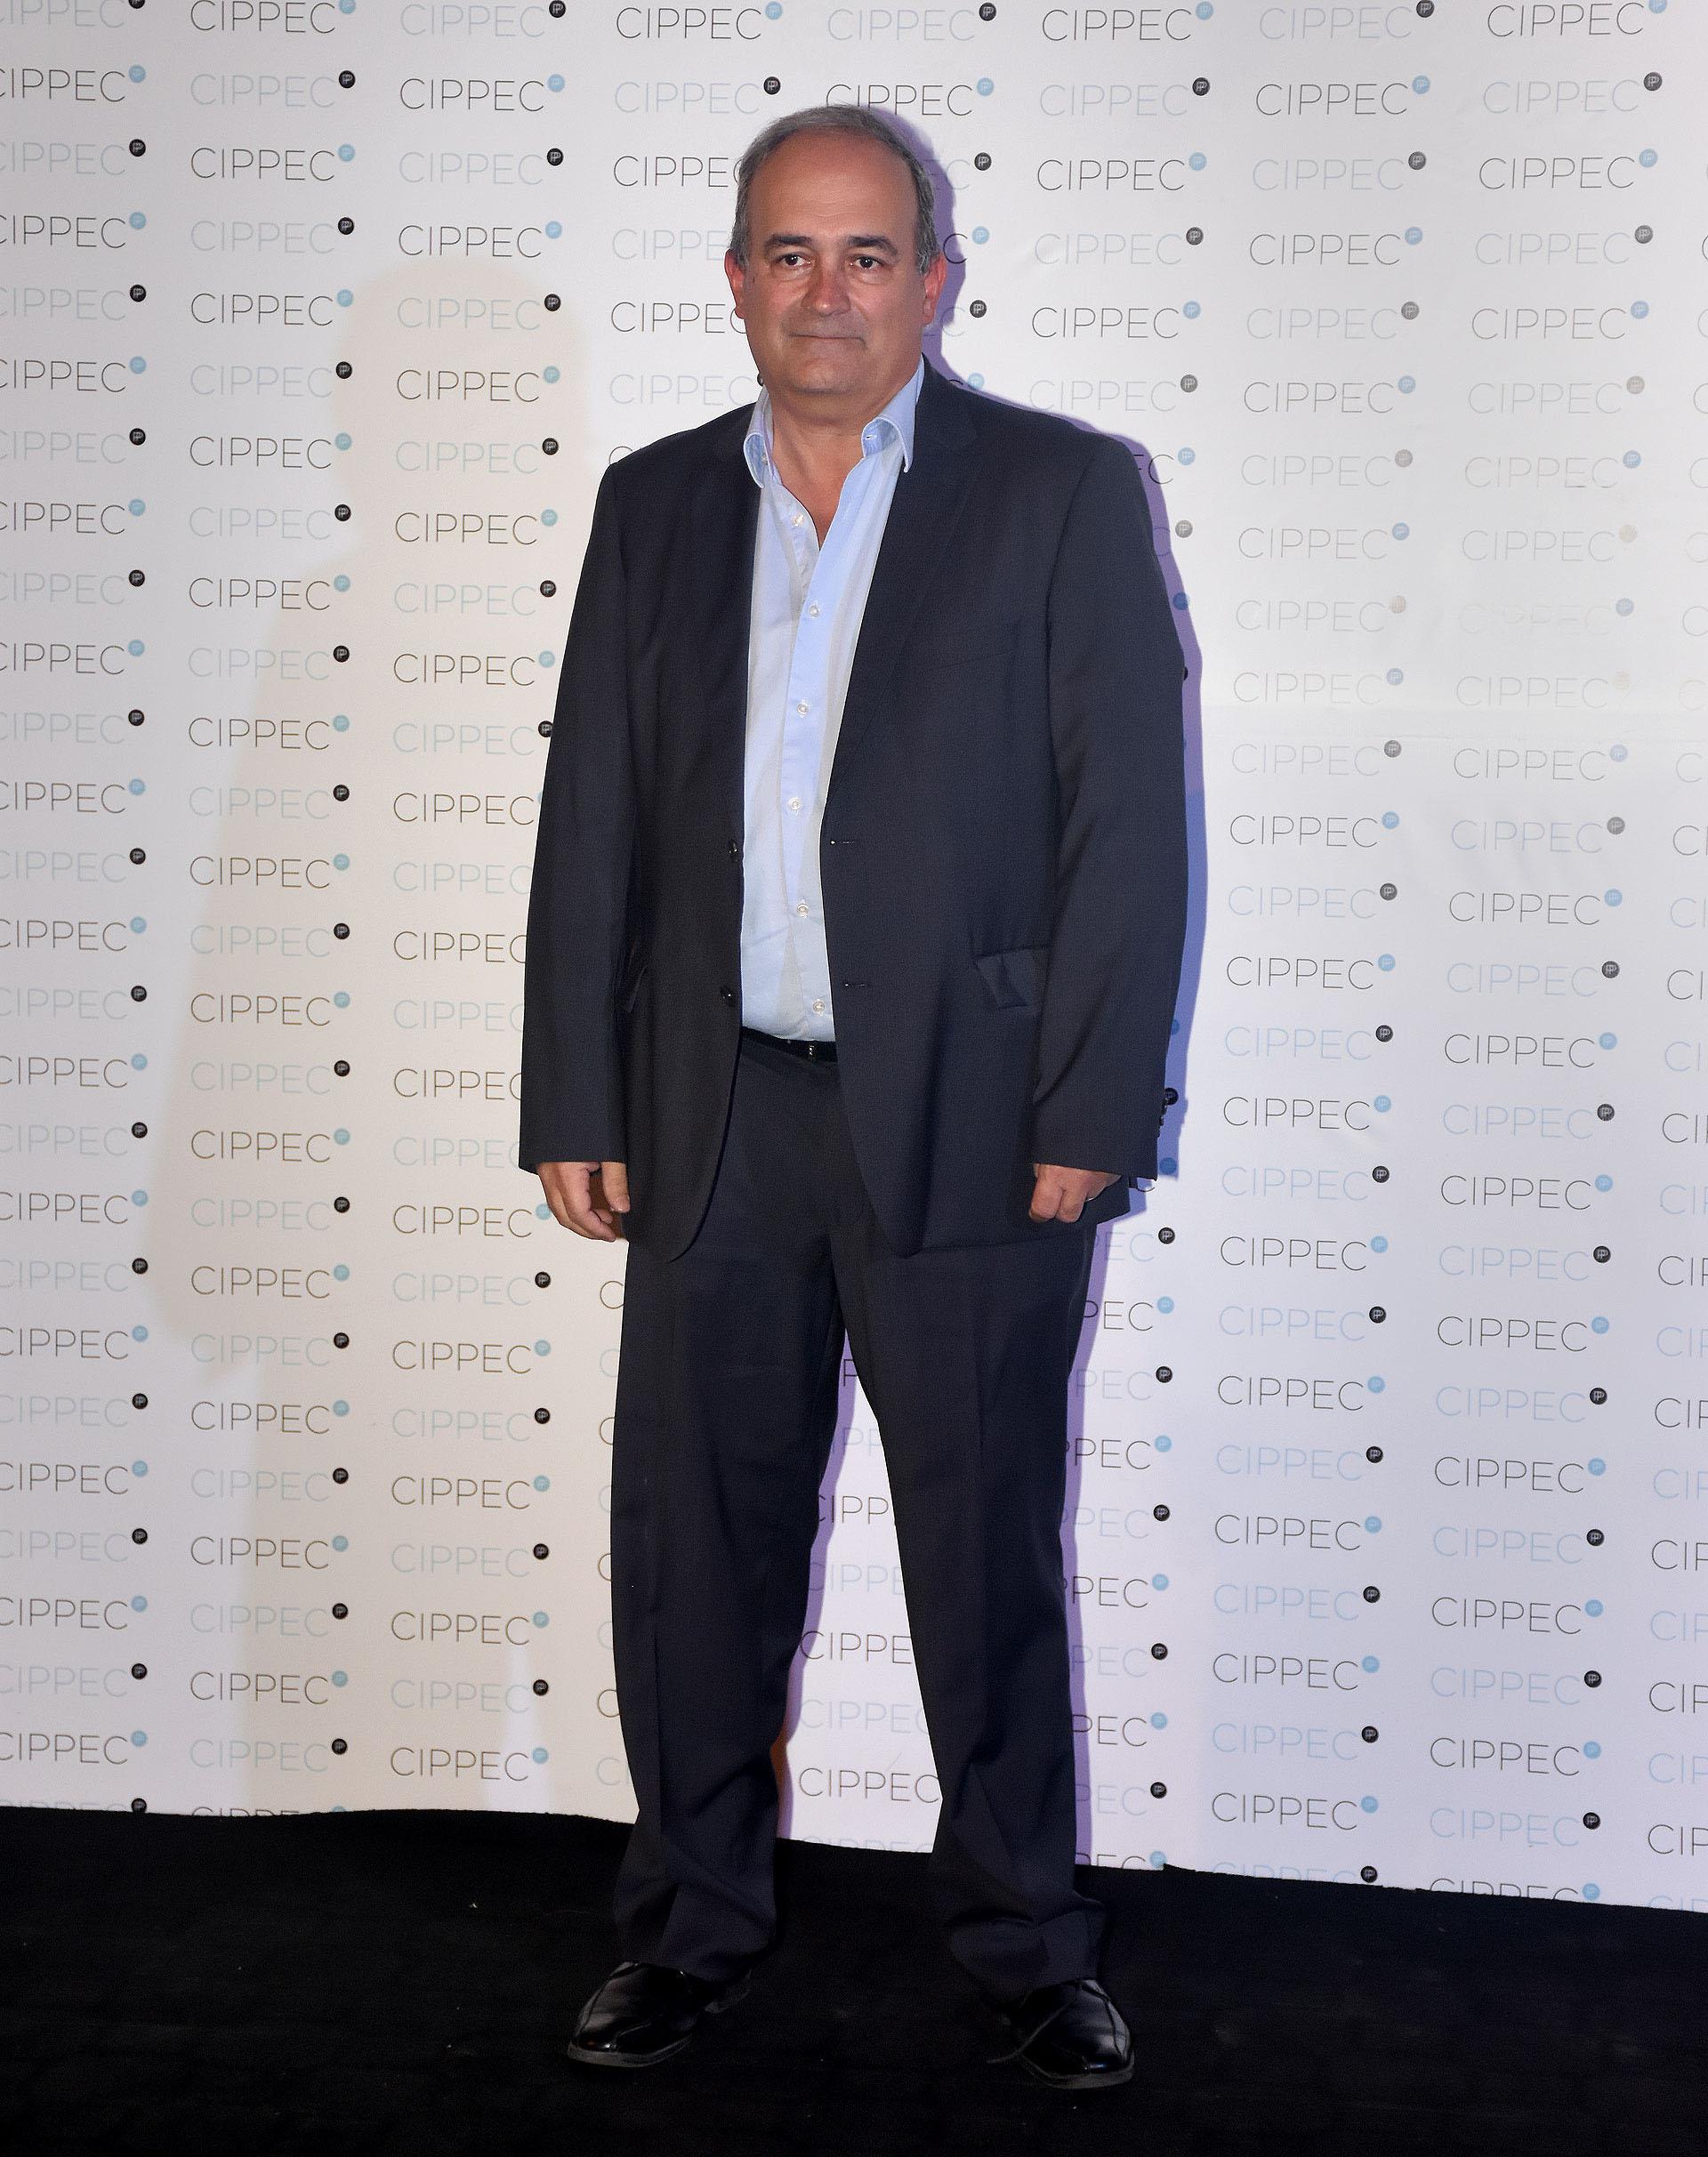 El ministro de Ambiente y Espacio Público porteño, Eduardo Macchiavelli